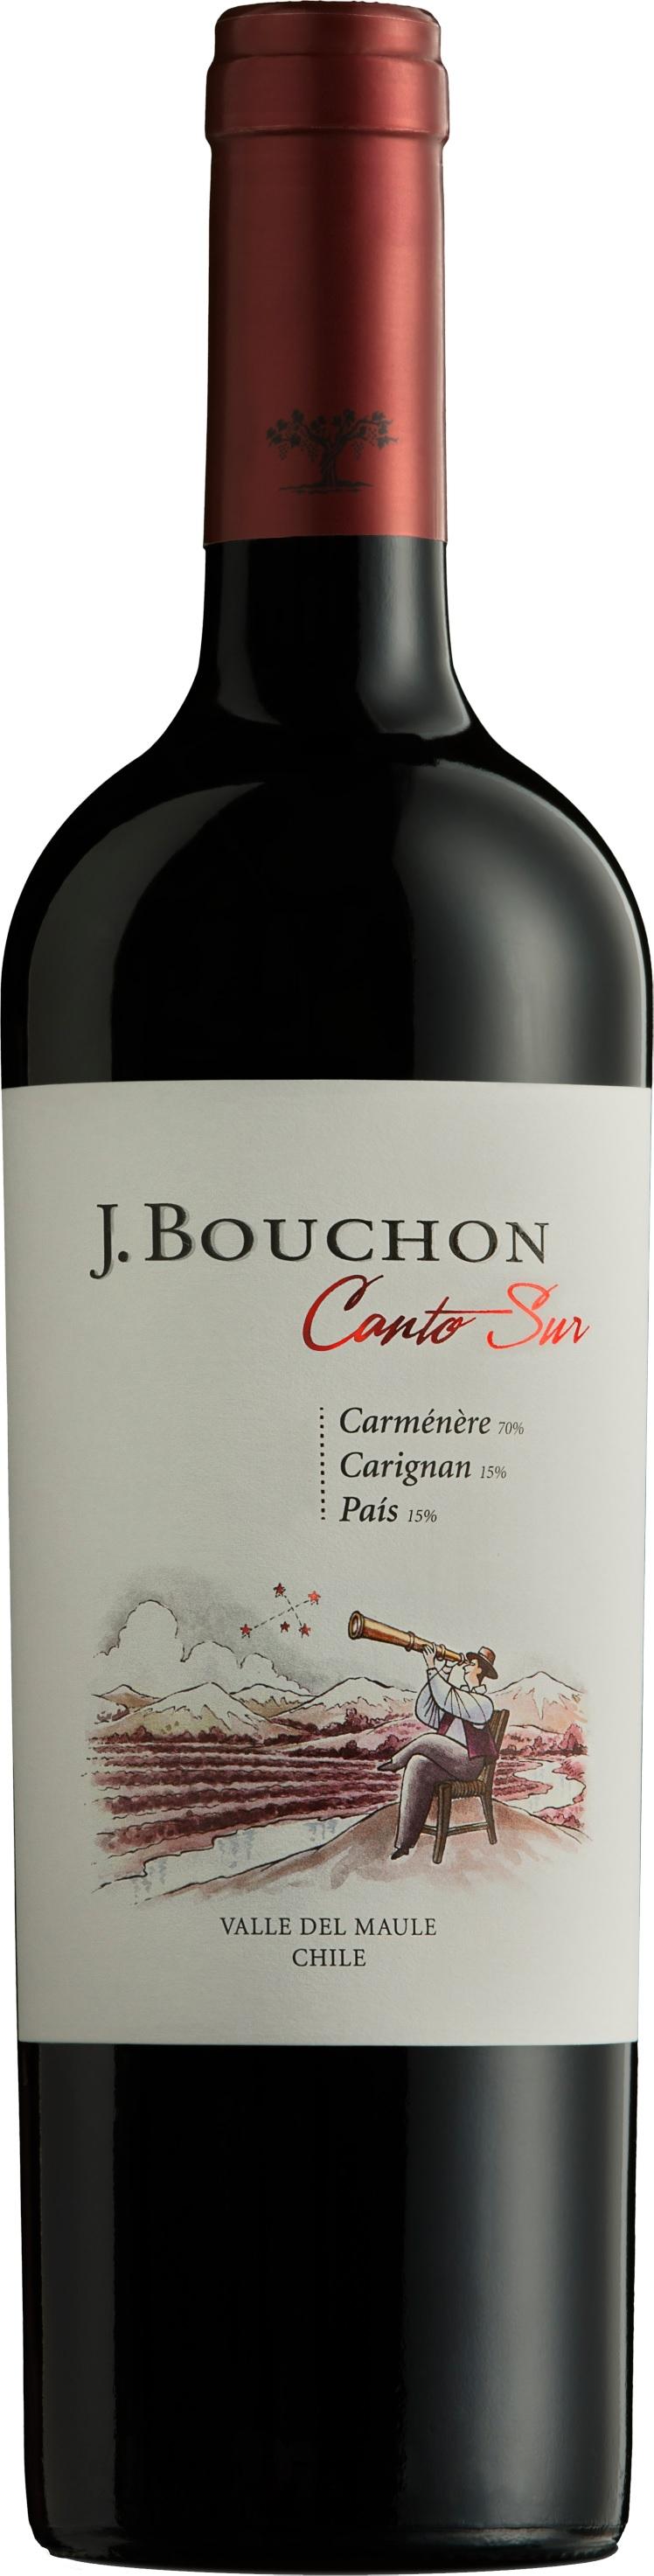 Caudalia wine Box Septiembre 2021 Chile Bouchon - Canto Sur - Maule - Chile - 2018